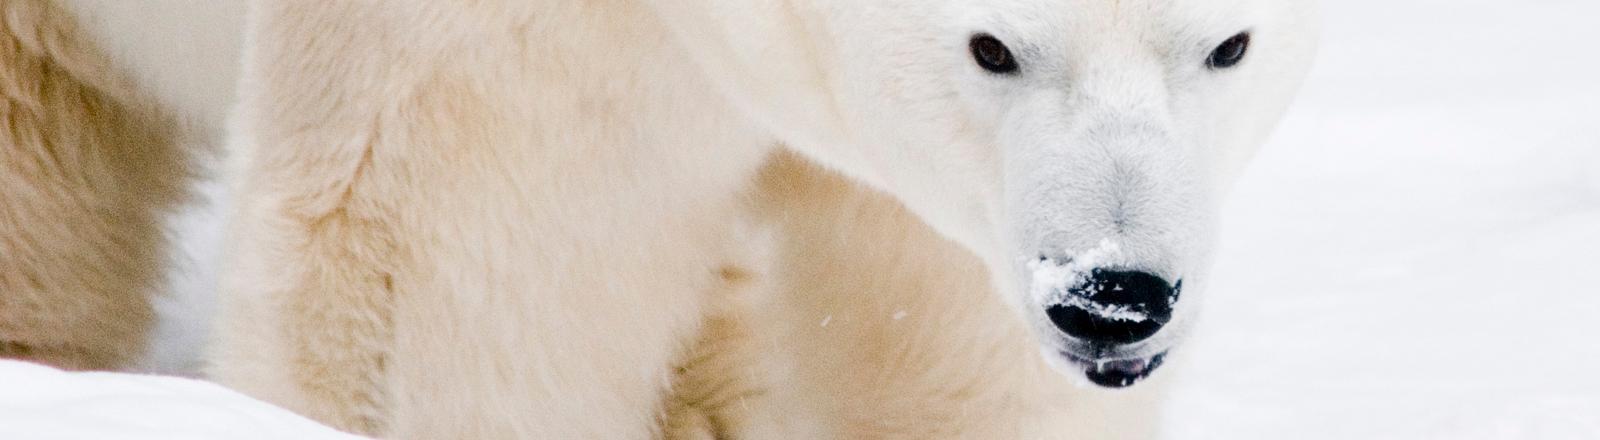 Eisbär in Arktis.